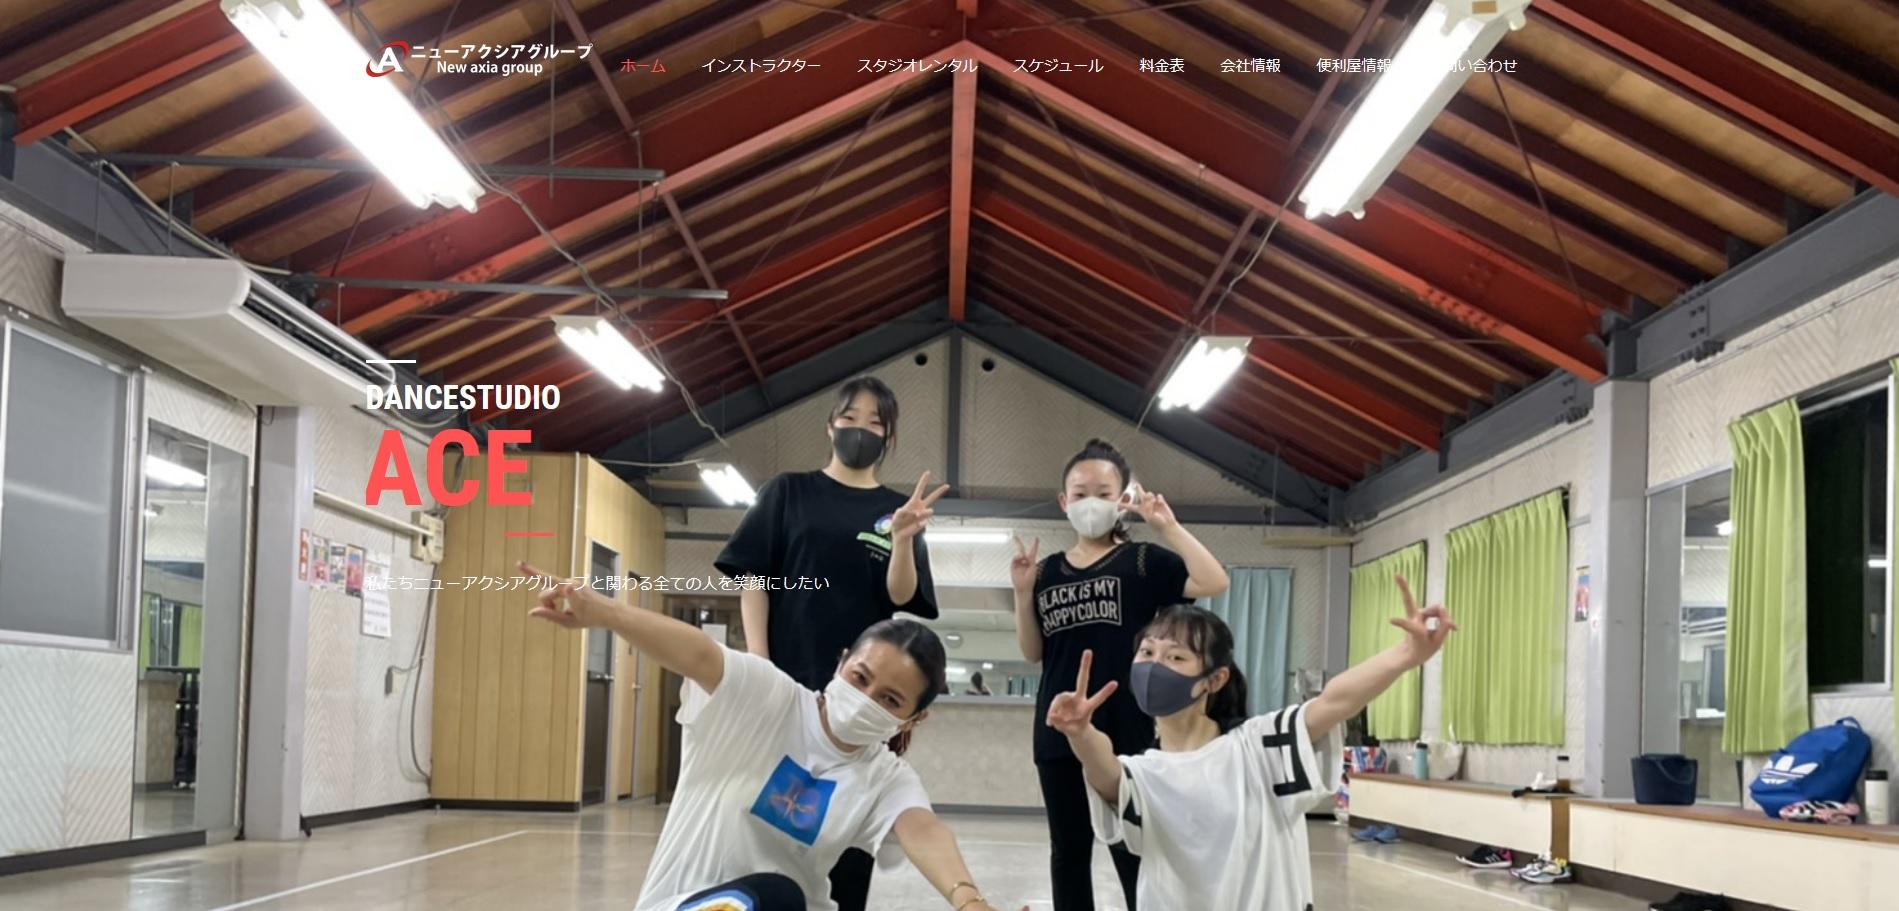 DANCE STUDIO ACE